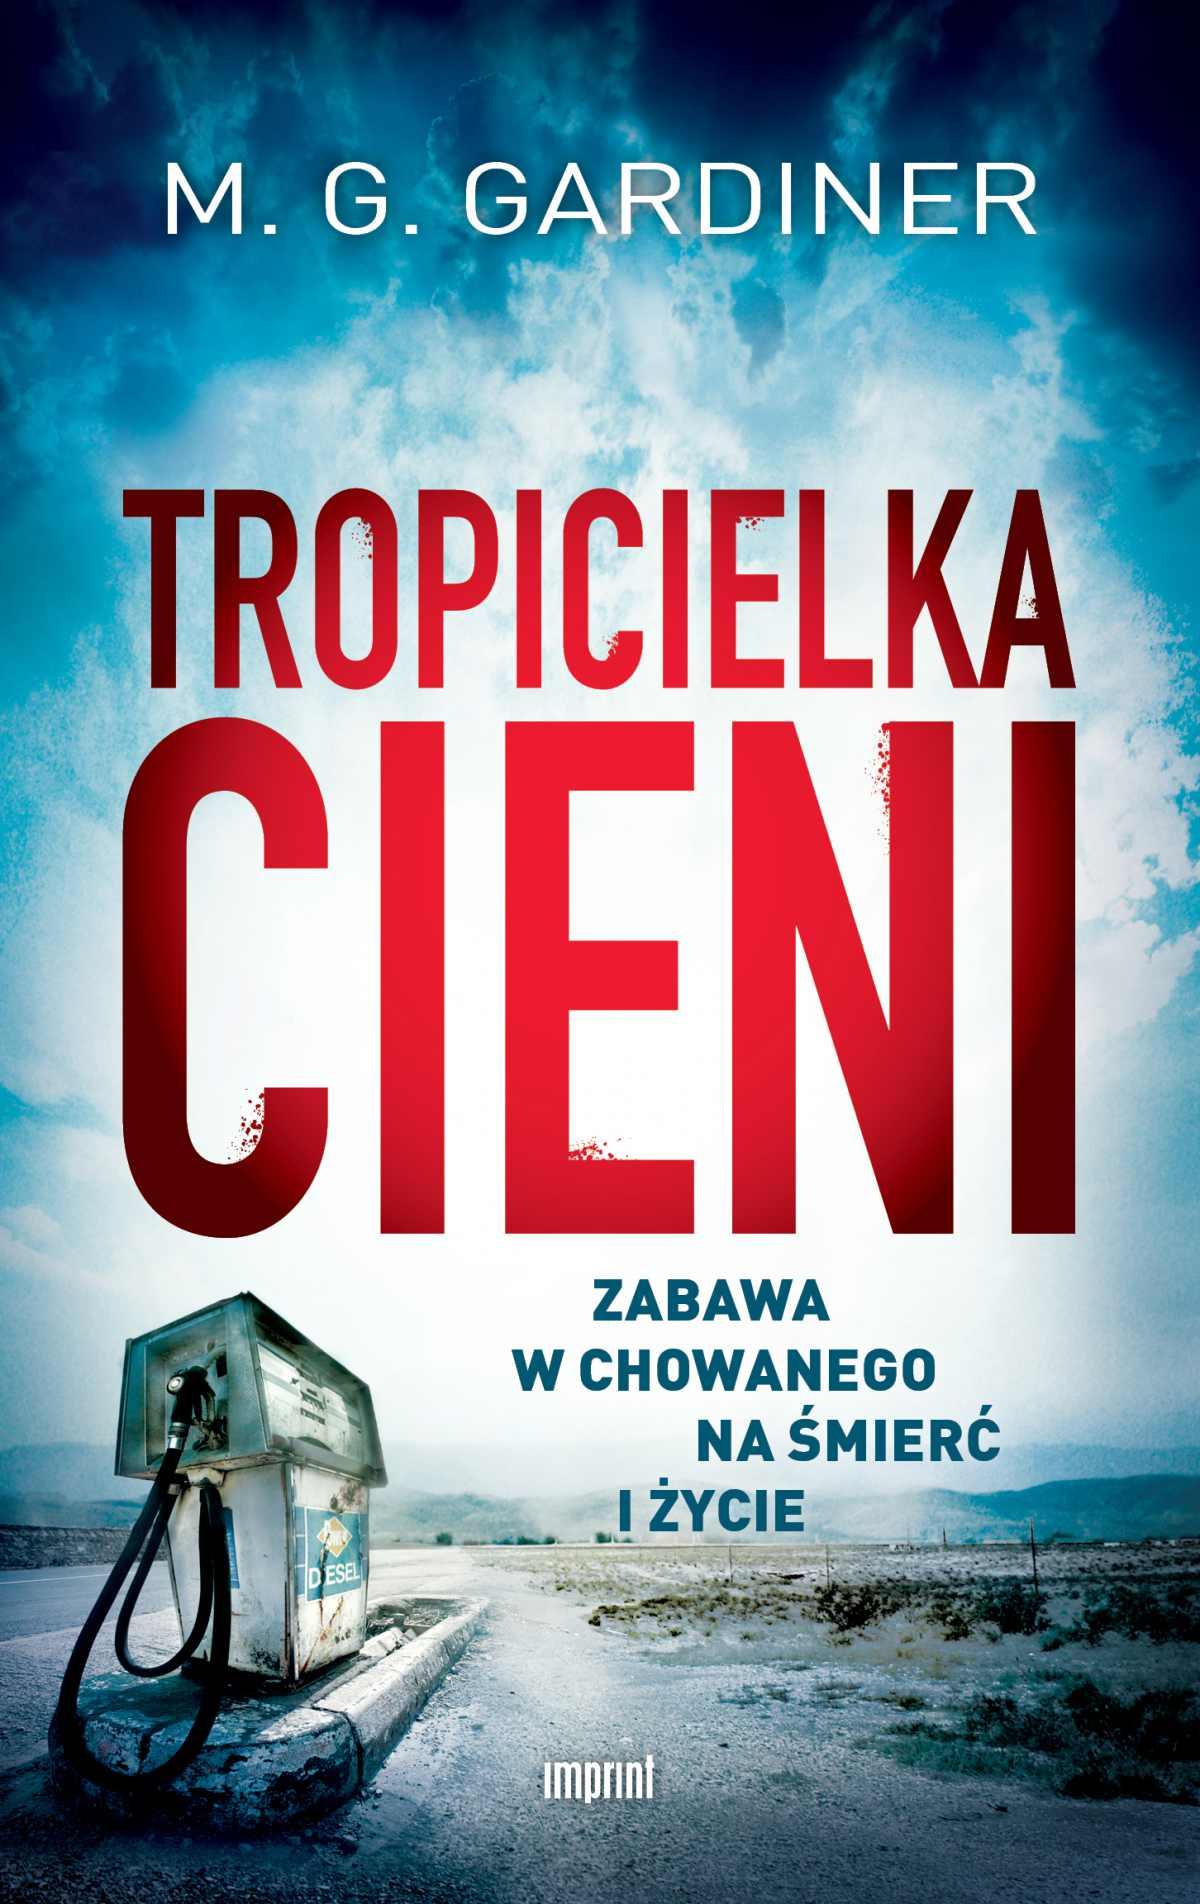 Tropicielka cieni - Ebook (Książka EPUB) do pobrania w formacie EPUB